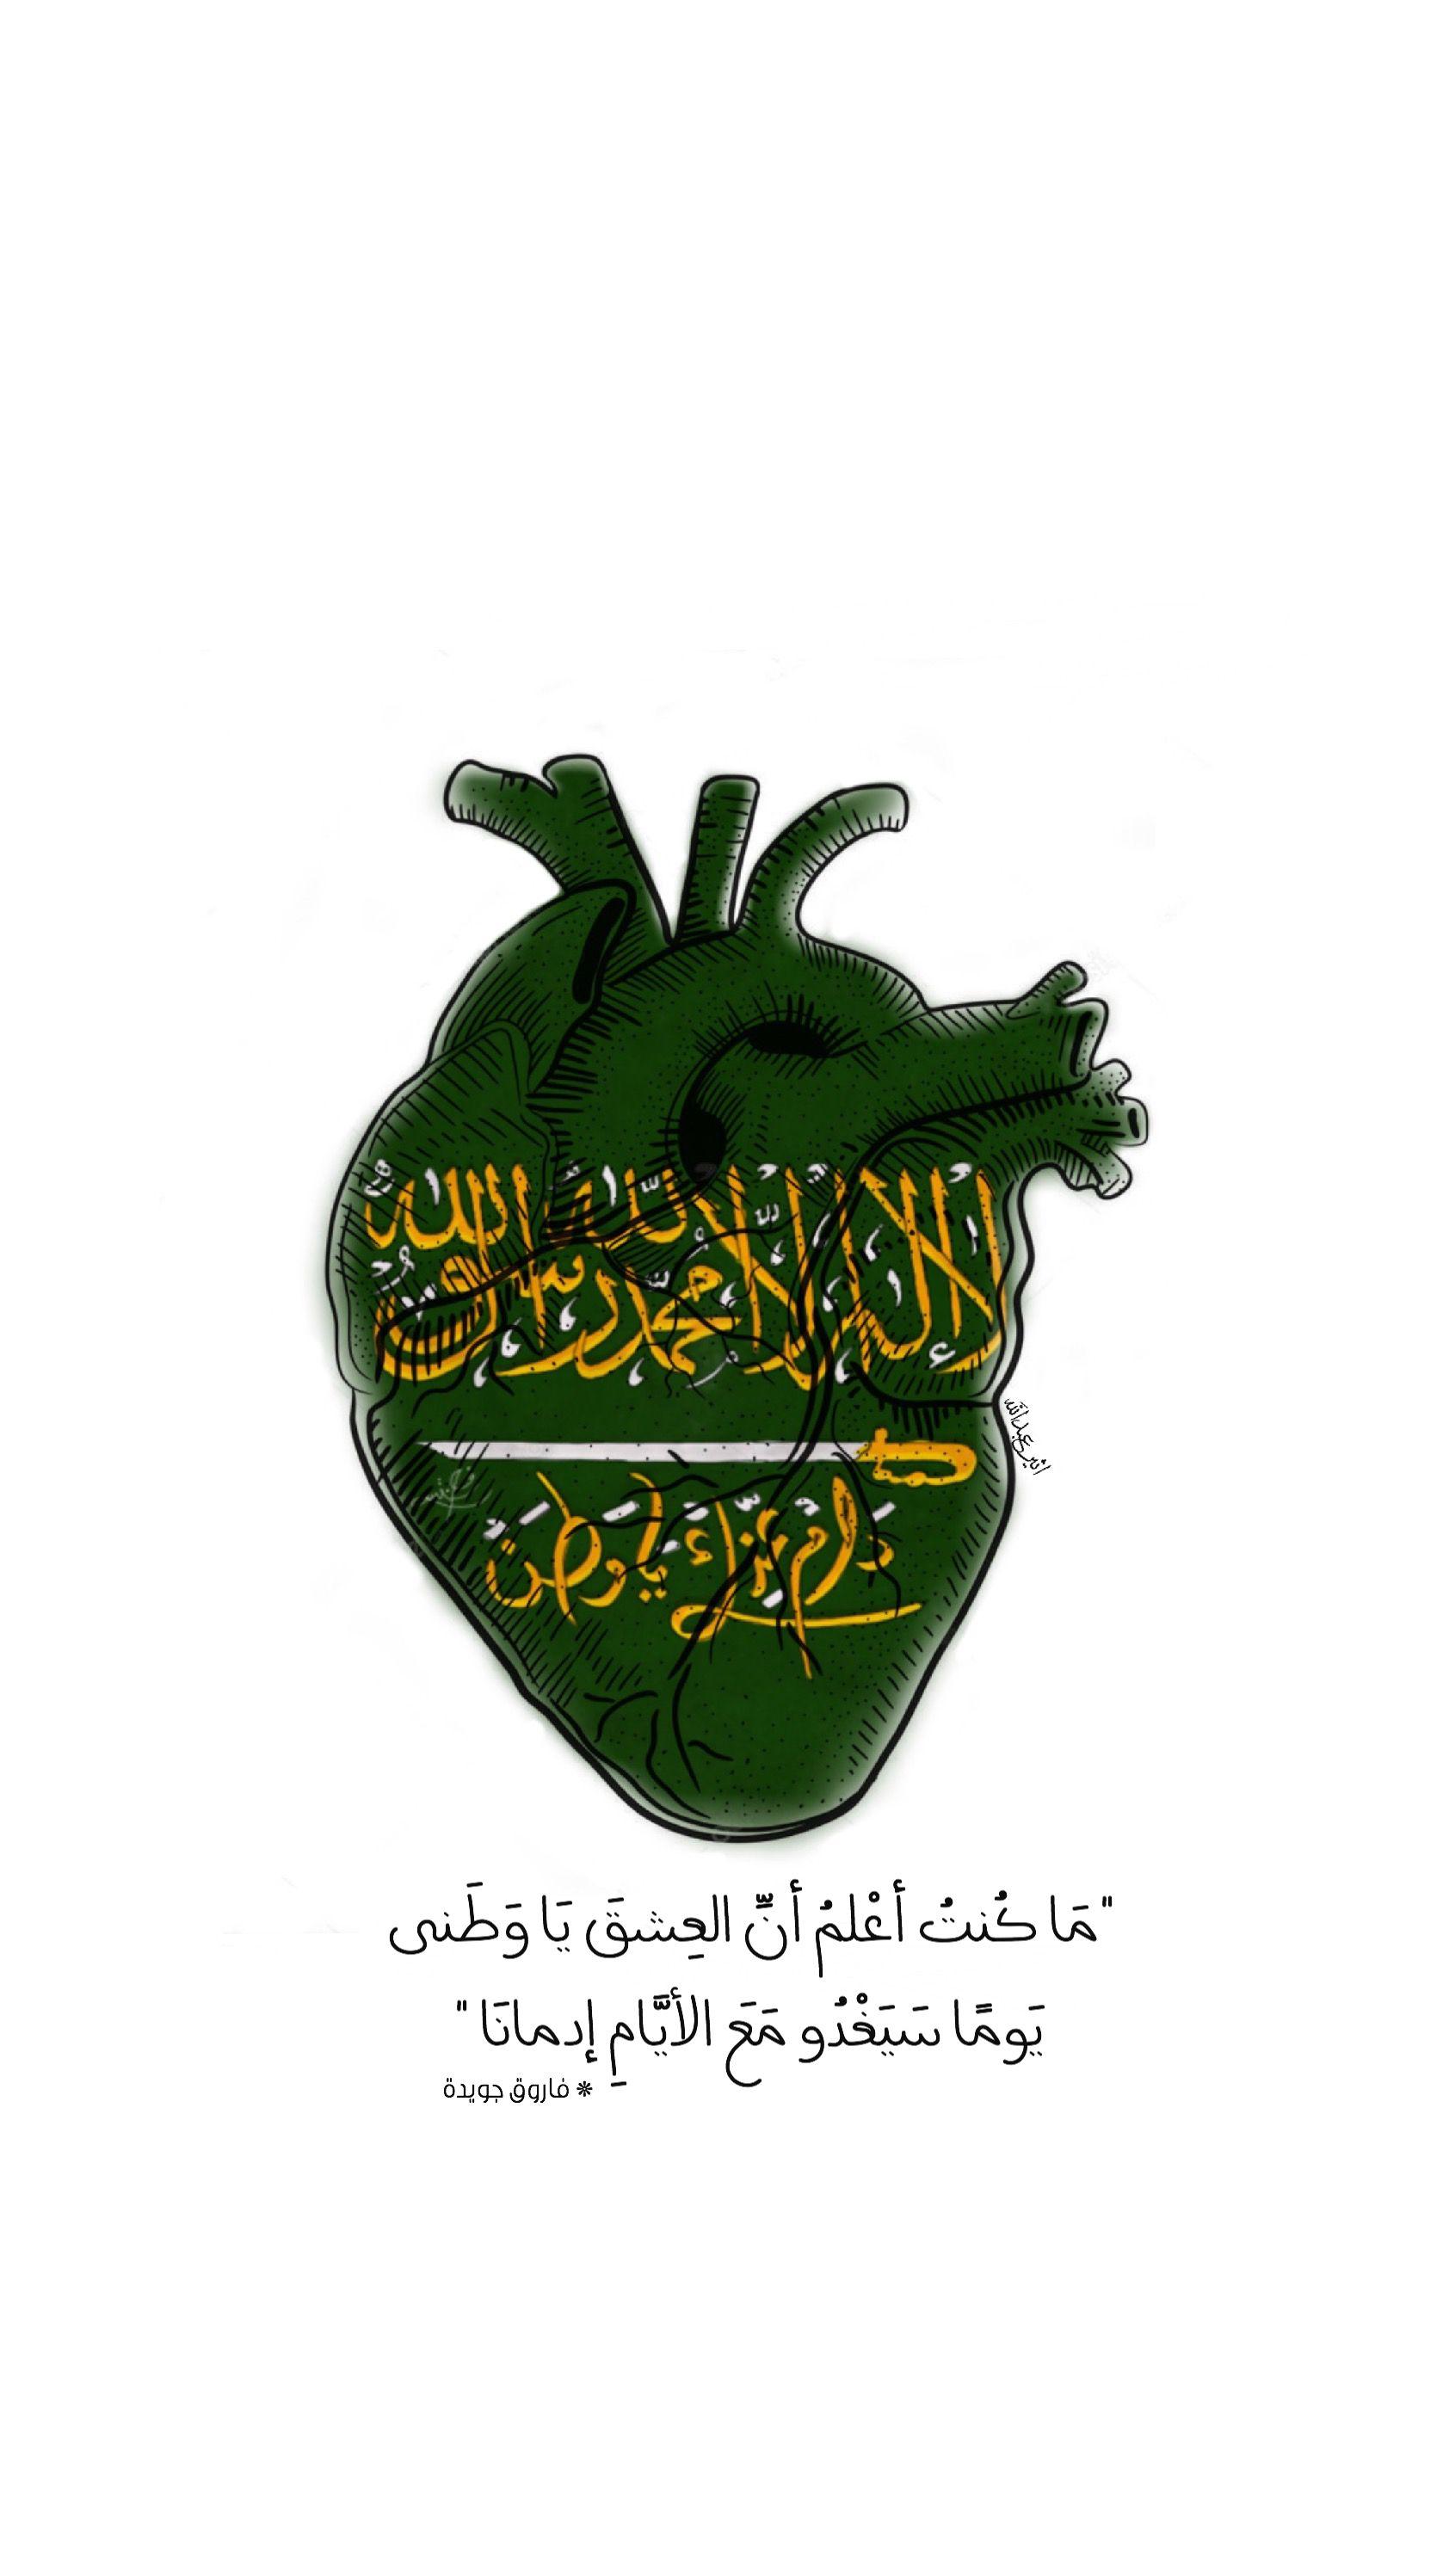 السعودية اليوم الوطني Saudiarabia Vector Background Pattern Iphone Wallpaper Images National Day Saudi